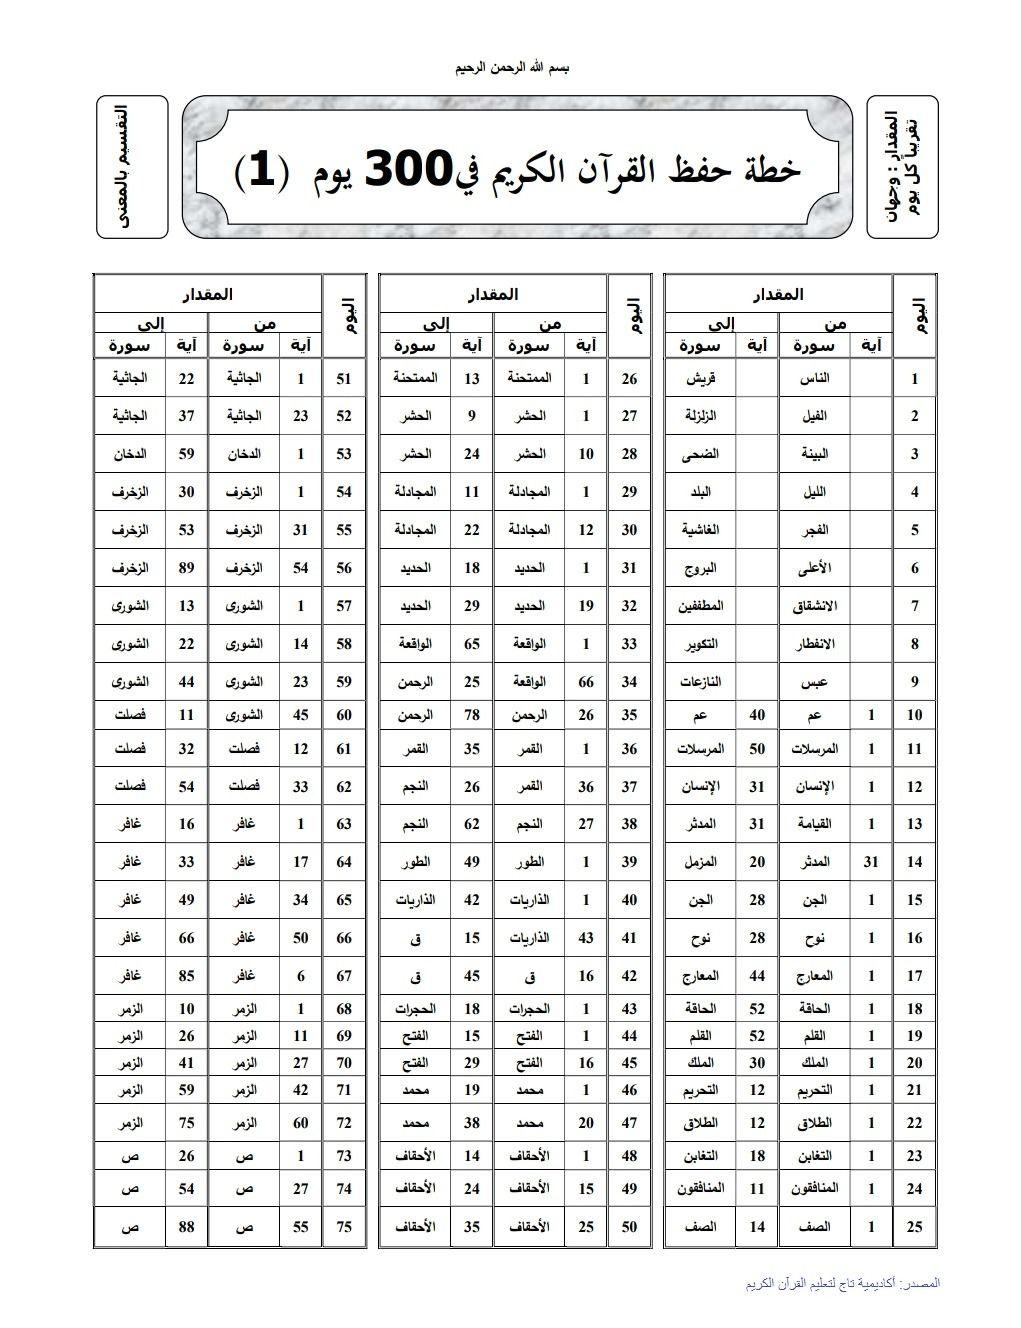 خطة حفظ القرآن الكريم في 300 يوم المصدر أكاديمية تاج لتعليم القرآن الكريم Quran Quotes Inspirational Islamic Love Quotes Spirit Quotes